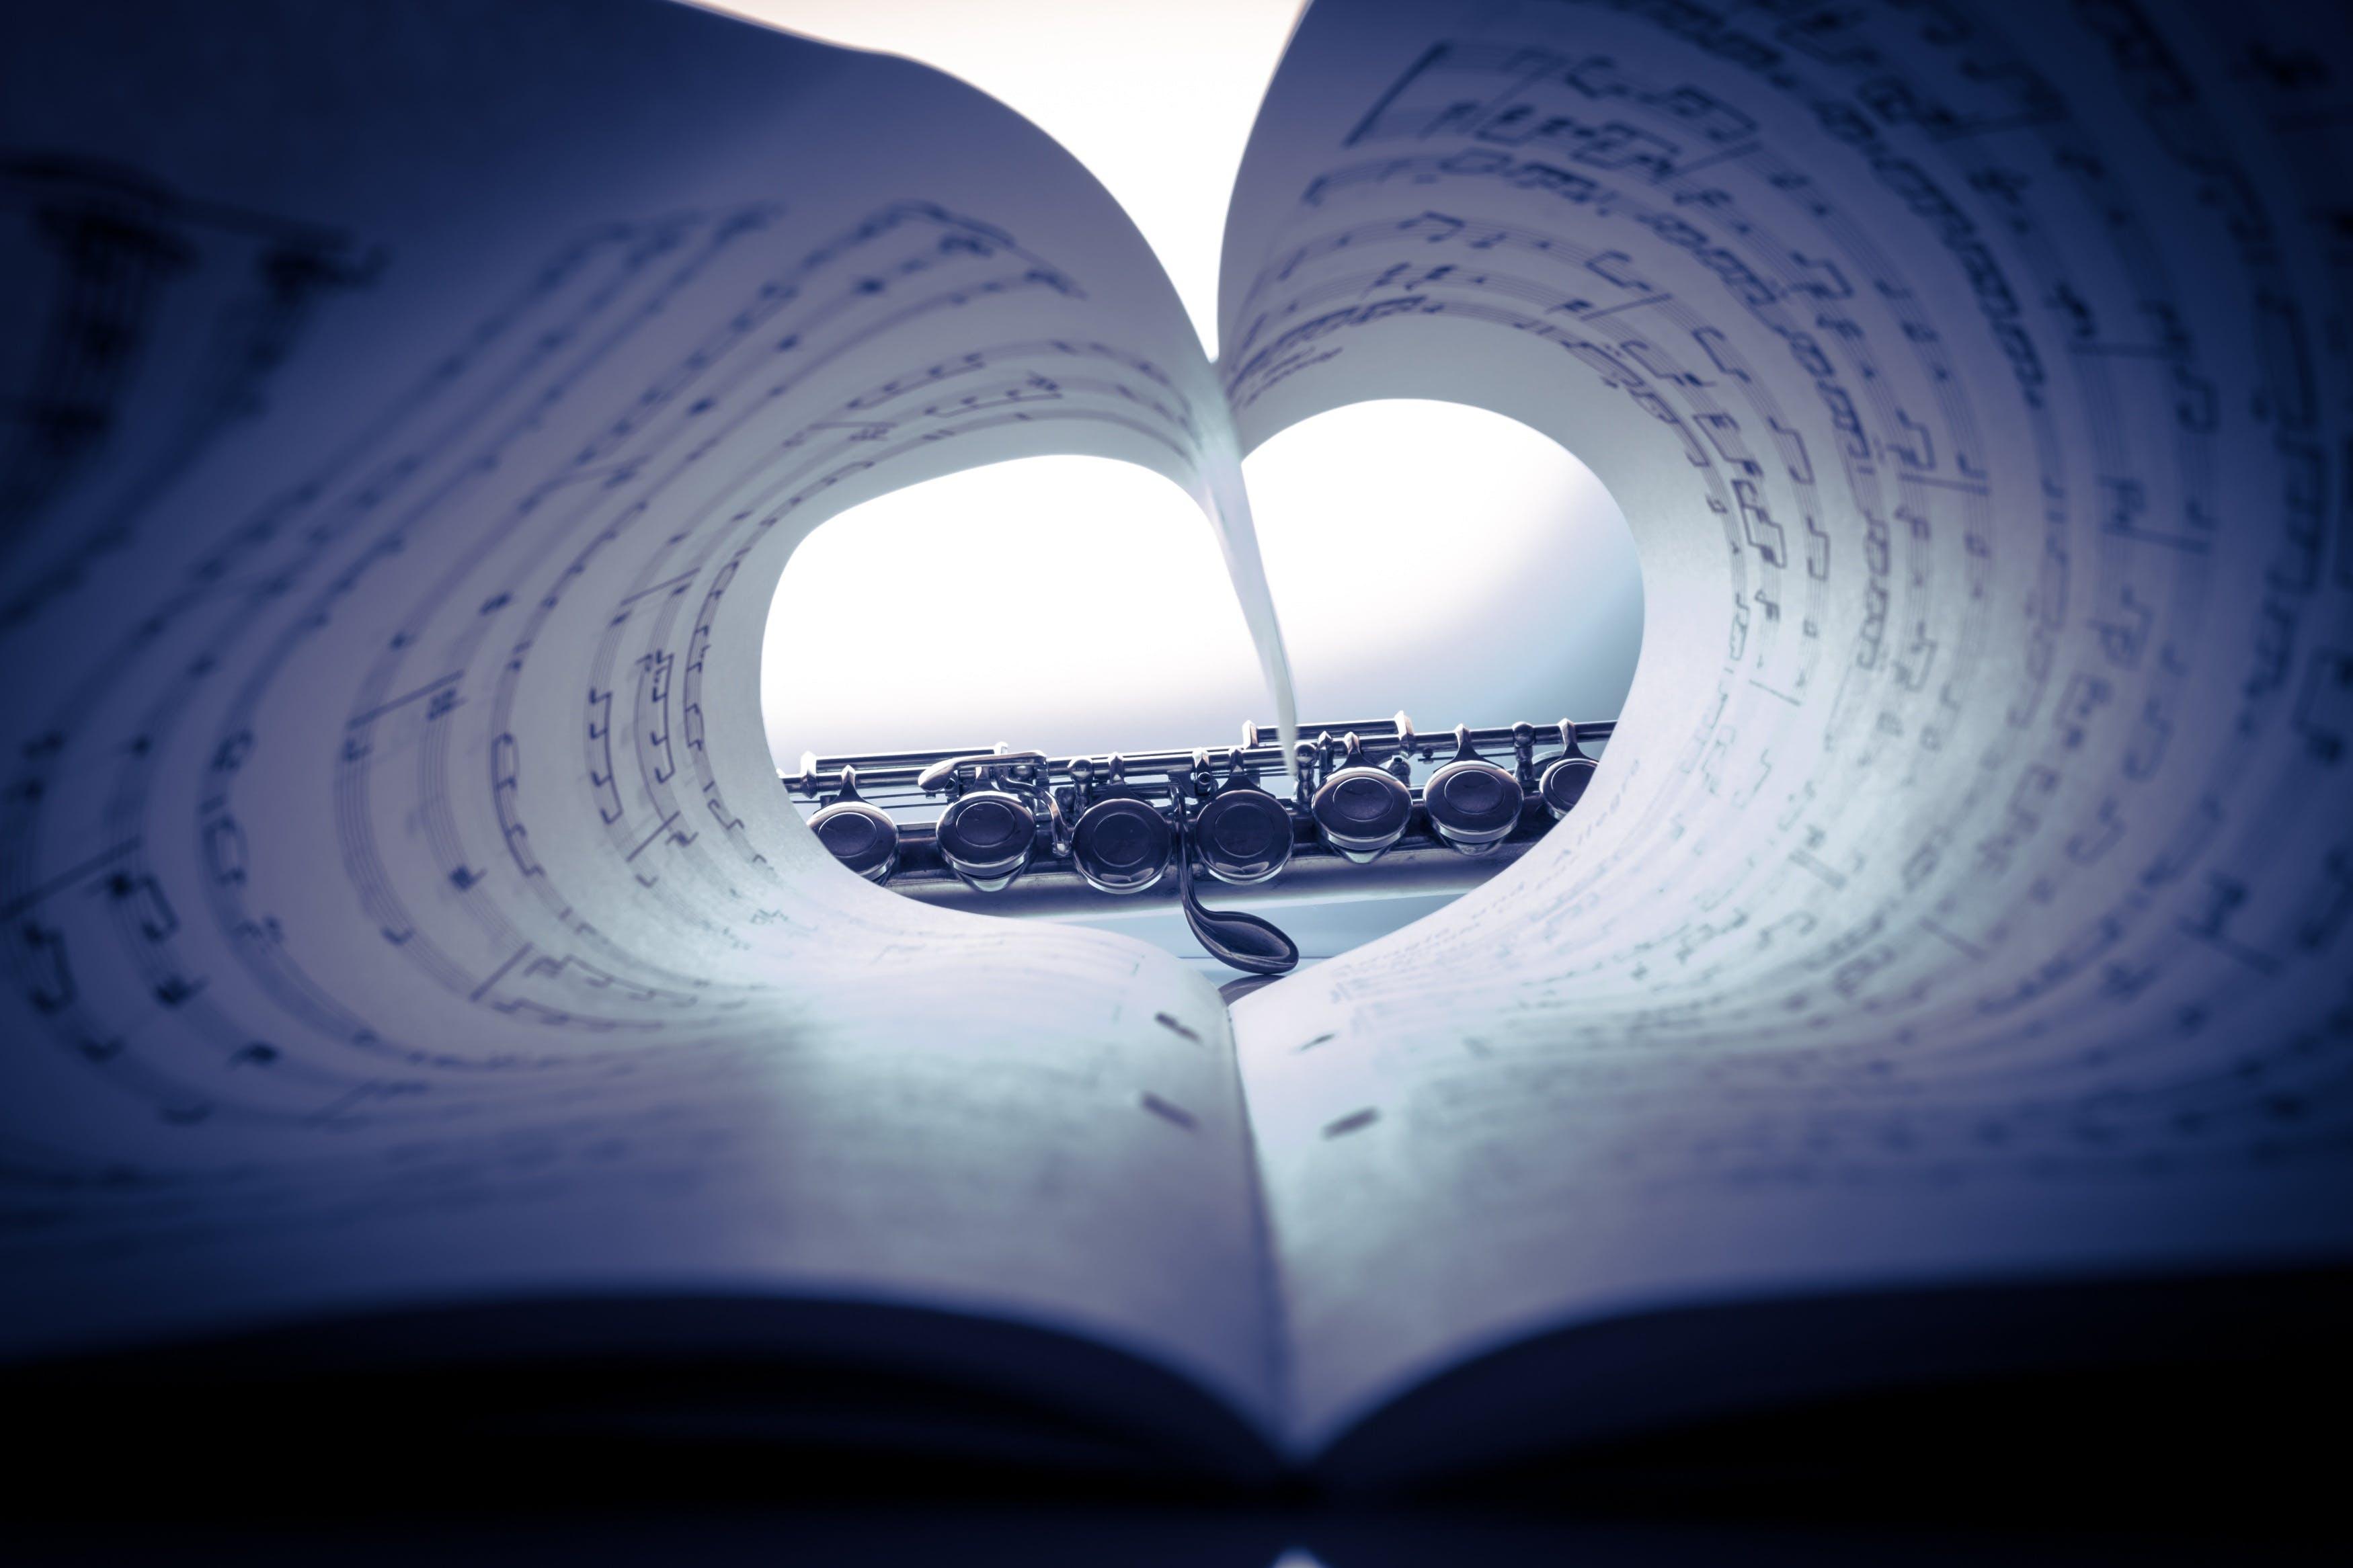 Δωρεάν στοκ φωτογραφιών με καρδιά, Μουσικές νότες, μουσική, μουσικό όργανο